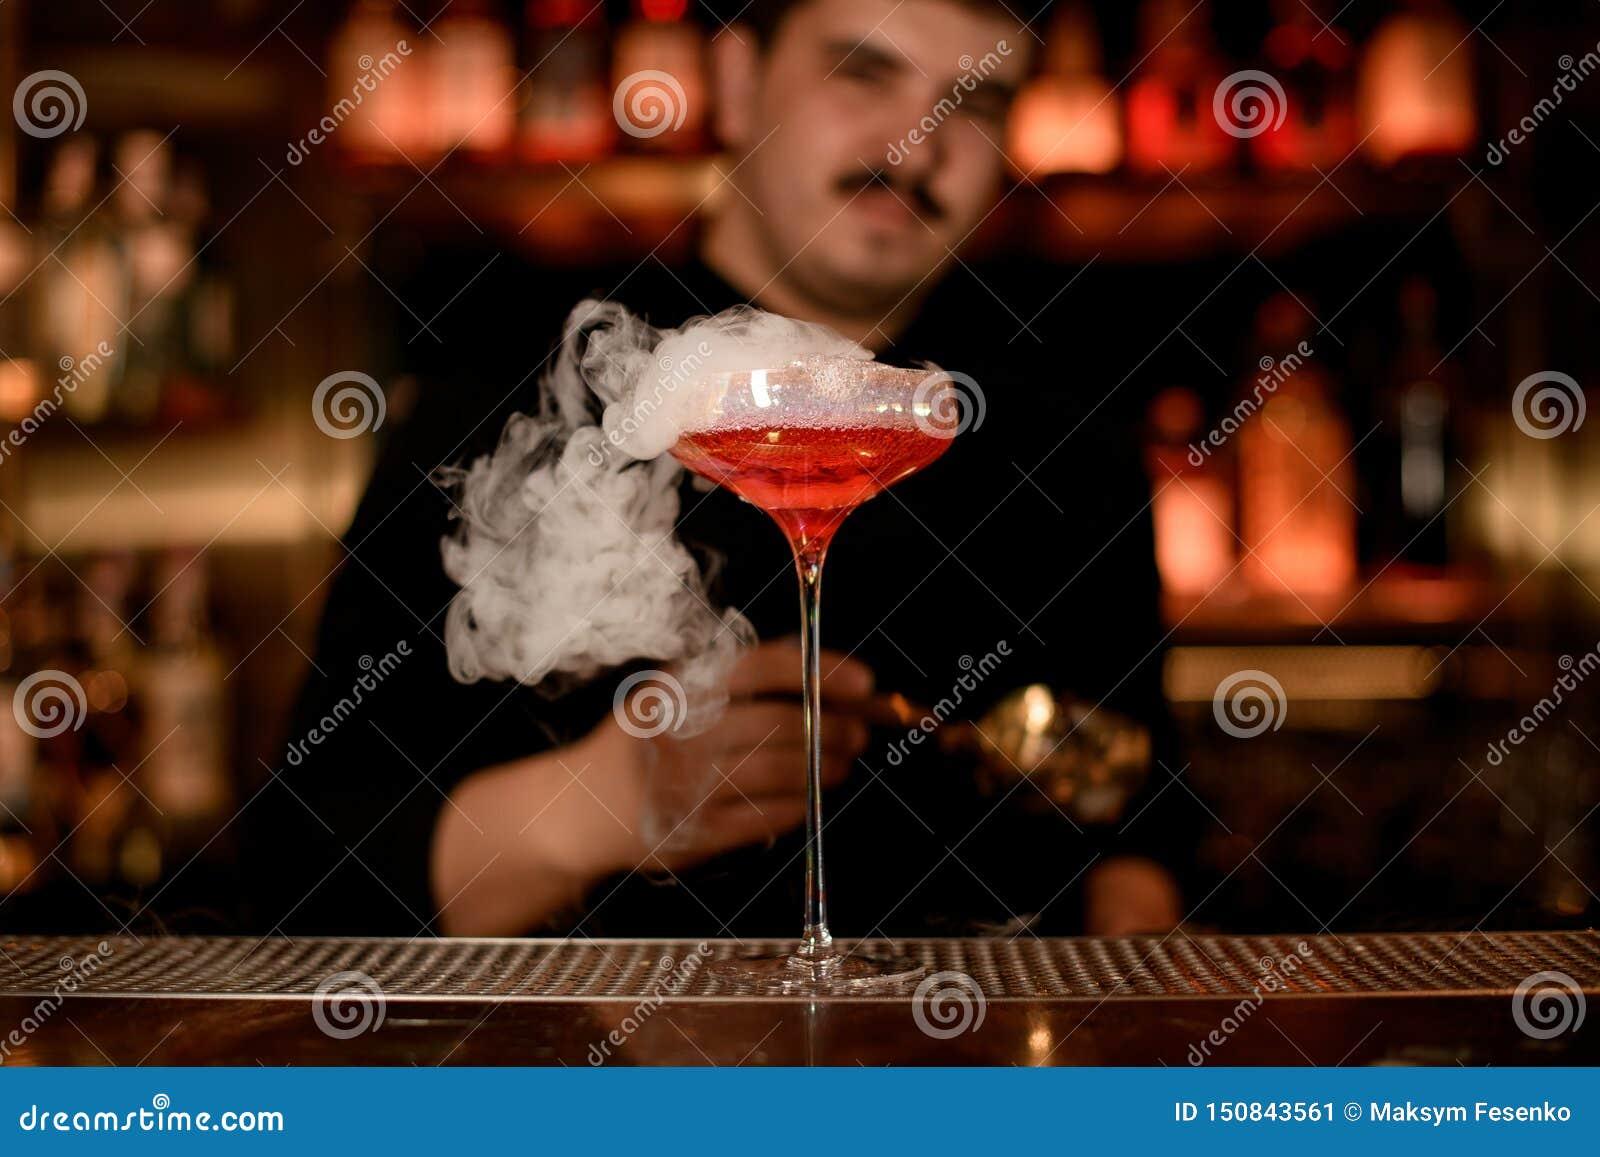 Camarero que pone espuma en una bebida del alcohol